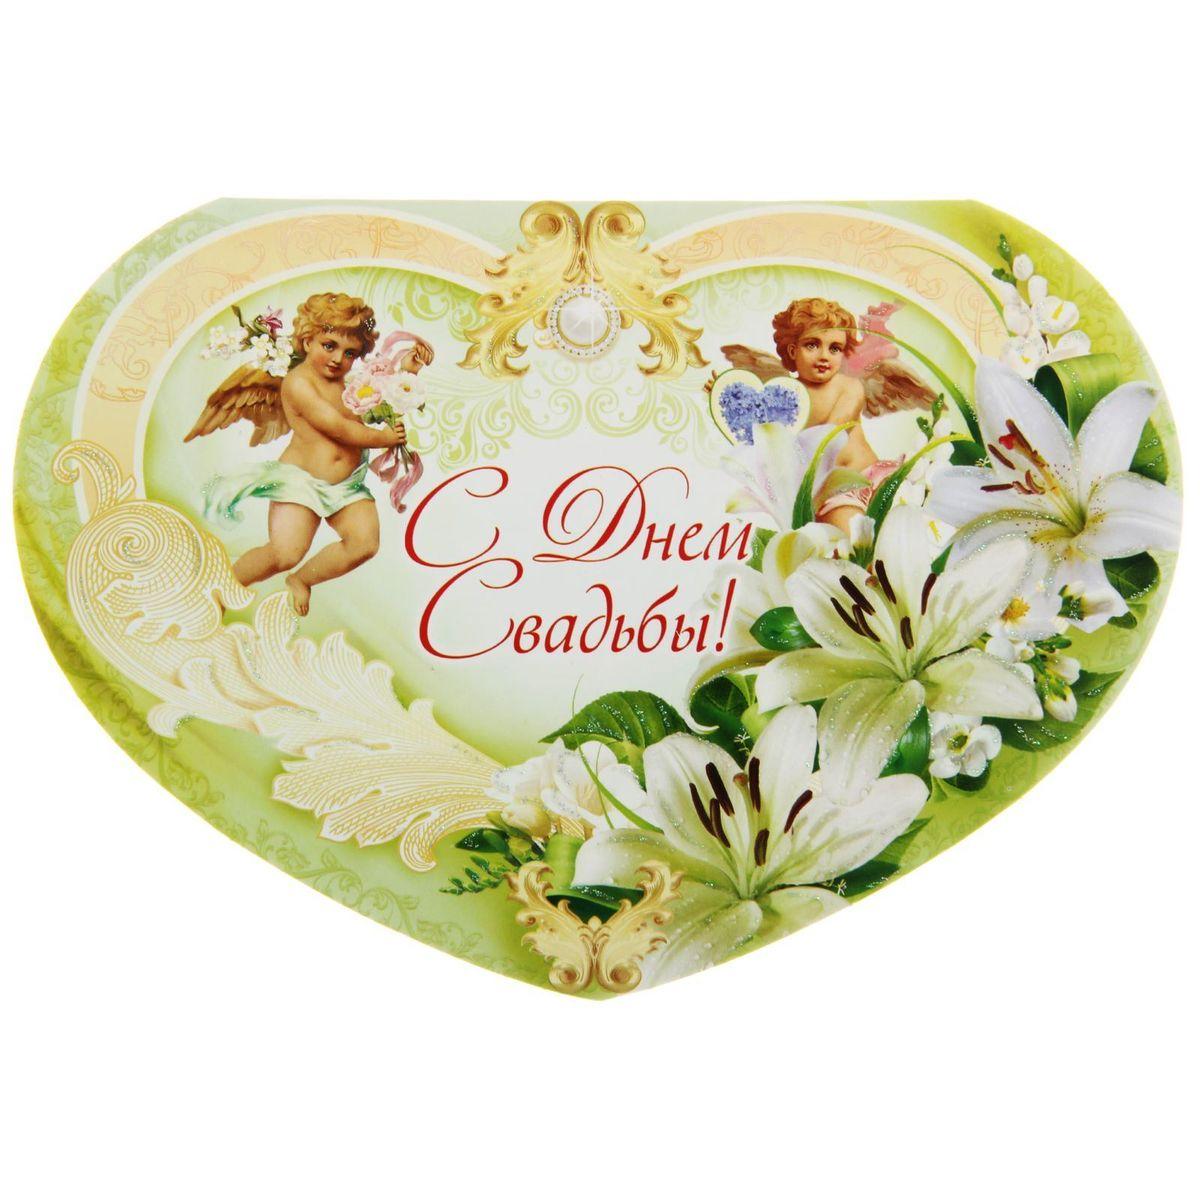 Открытка Эдельвейс С днем свадьбы. Два ангела1263238Если вы хотите порадовать себя или близких, создать праздничное настроение и с улыбкой провести памятный день, то вы, несомненно, сделали правильный выбор! Открытка Открытка Эдельвейс С днем свадьбы. Два ангела, выполненная из плотной бумаги, отличается не только оригинальным дизайном, но и высоким качеством.Лицевая сторона изделия оформлена ярким изображением. Внутри открытка содержит текст с поздравлением.Такая открытка непременно порадует получателя и станет отличным напоминанием о проведенном вместе времени.